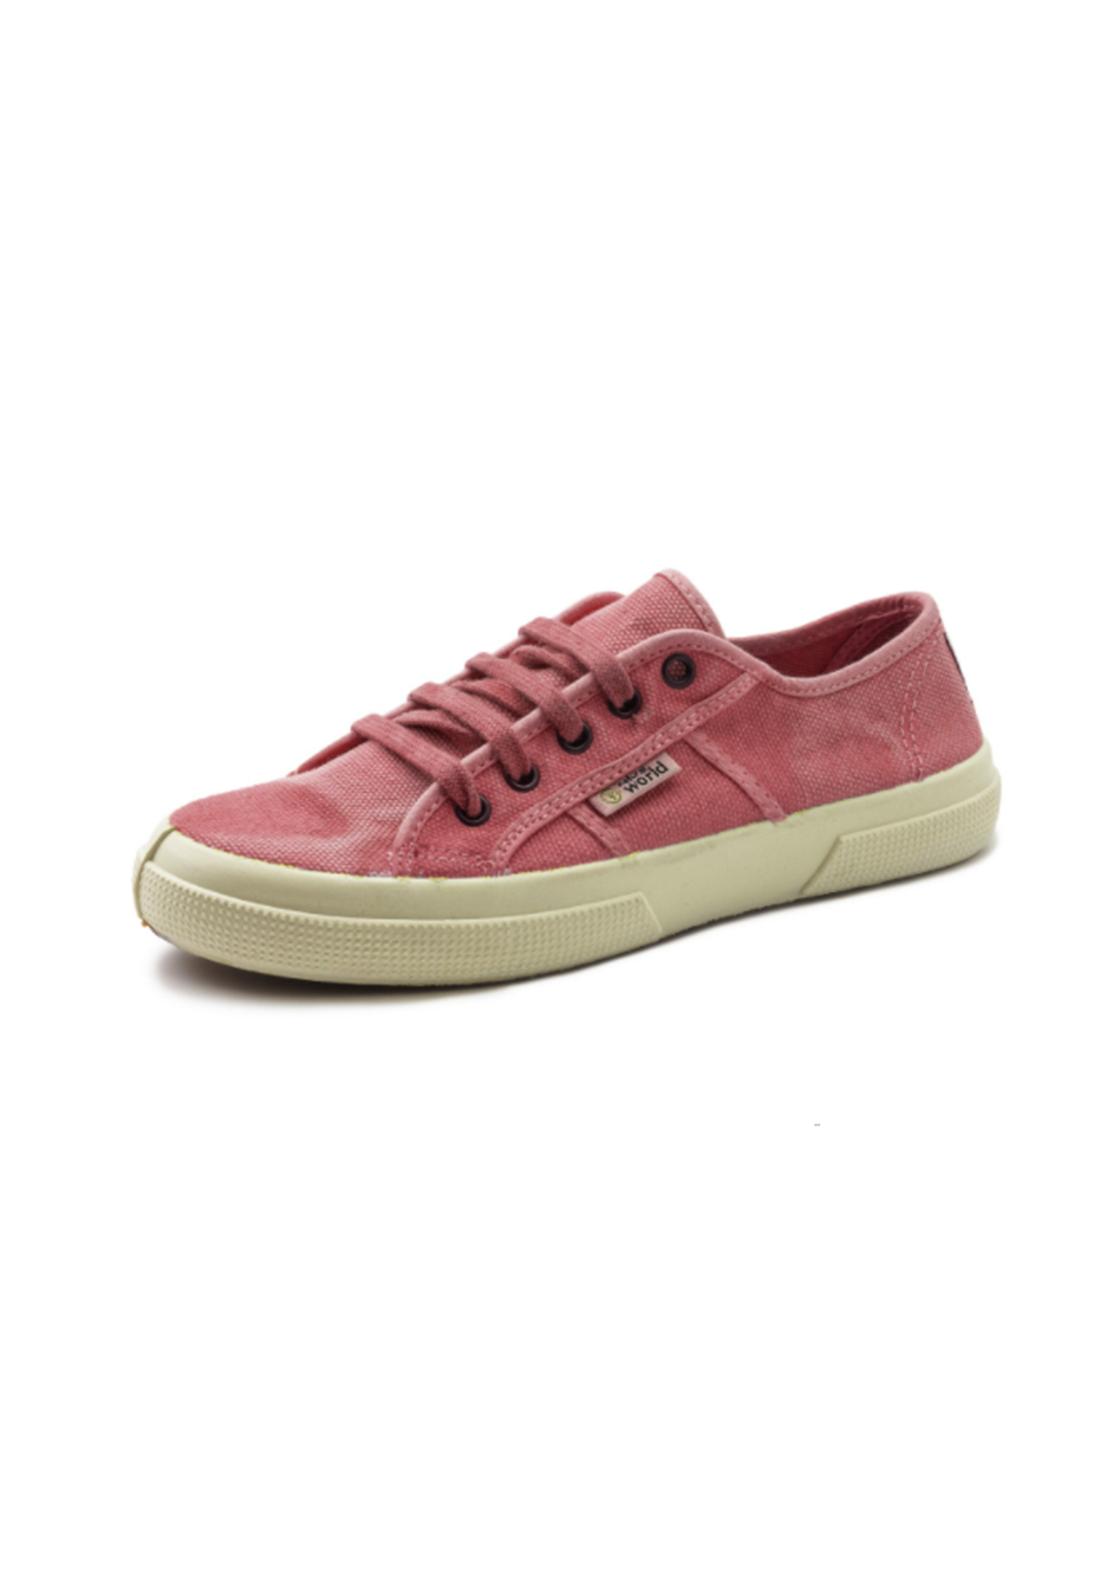 World Natural Eco حذاء كاجول وردي اللون من